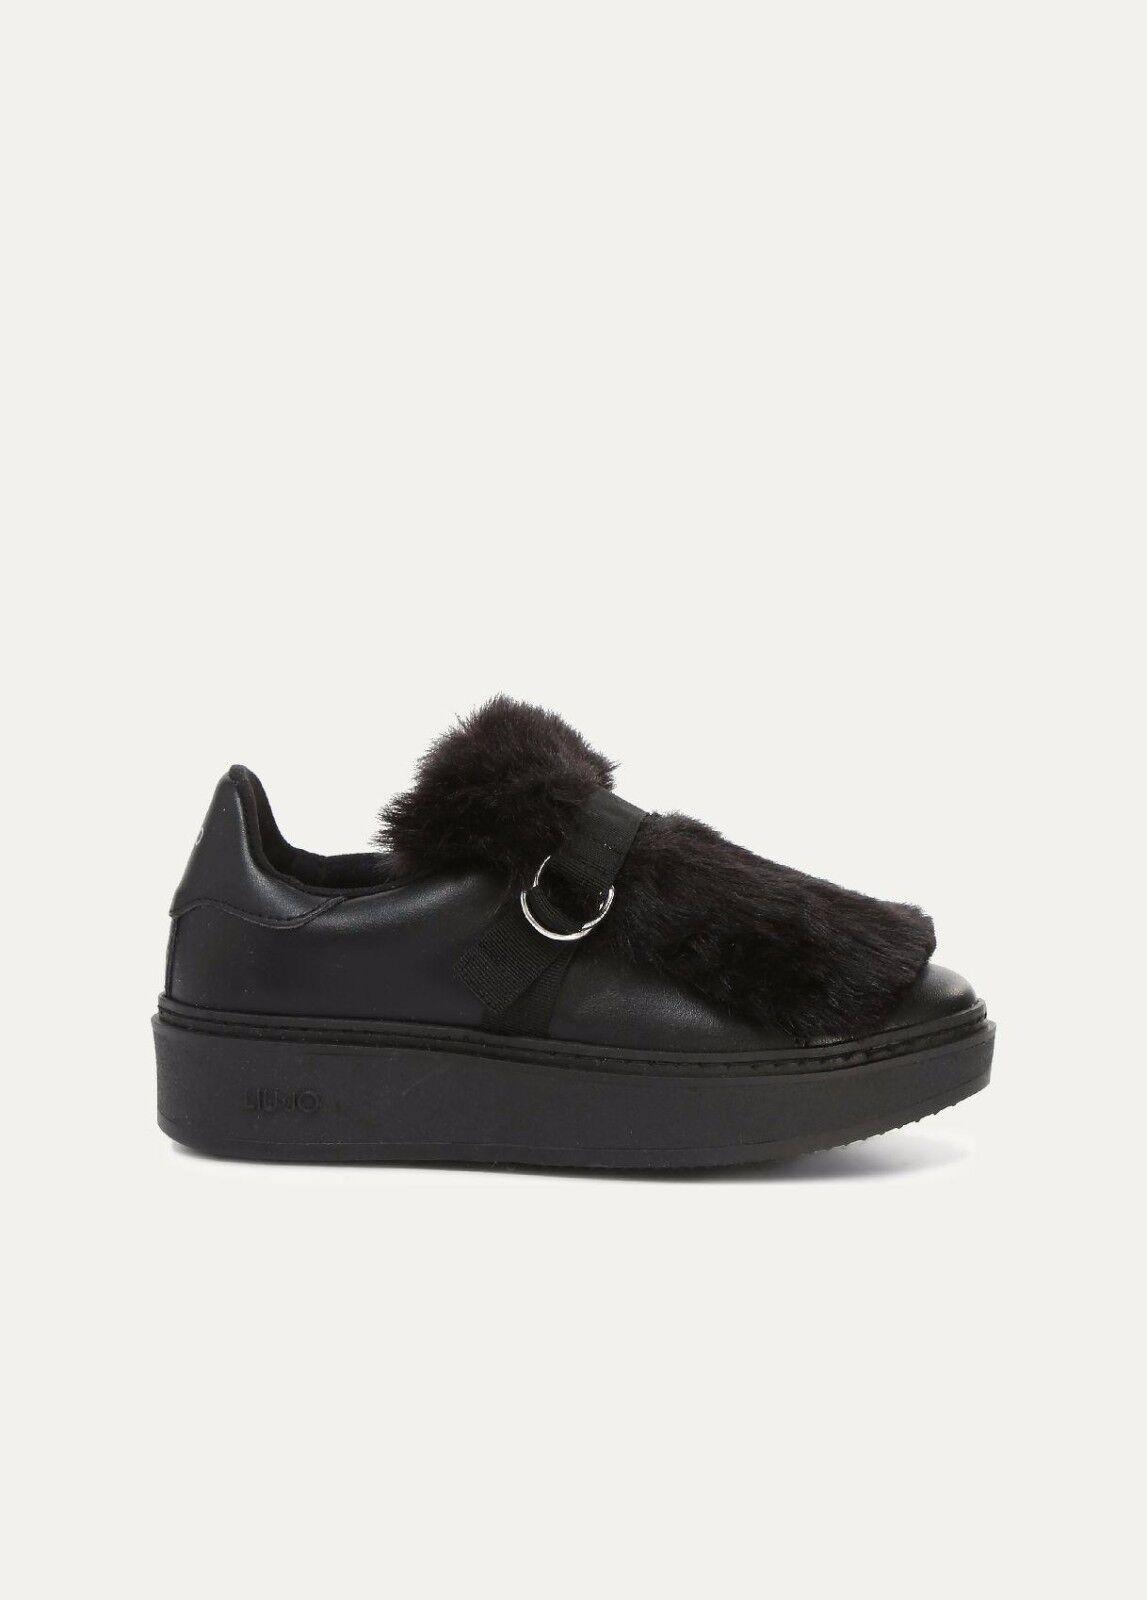 LIU JO,Sneakers sohle